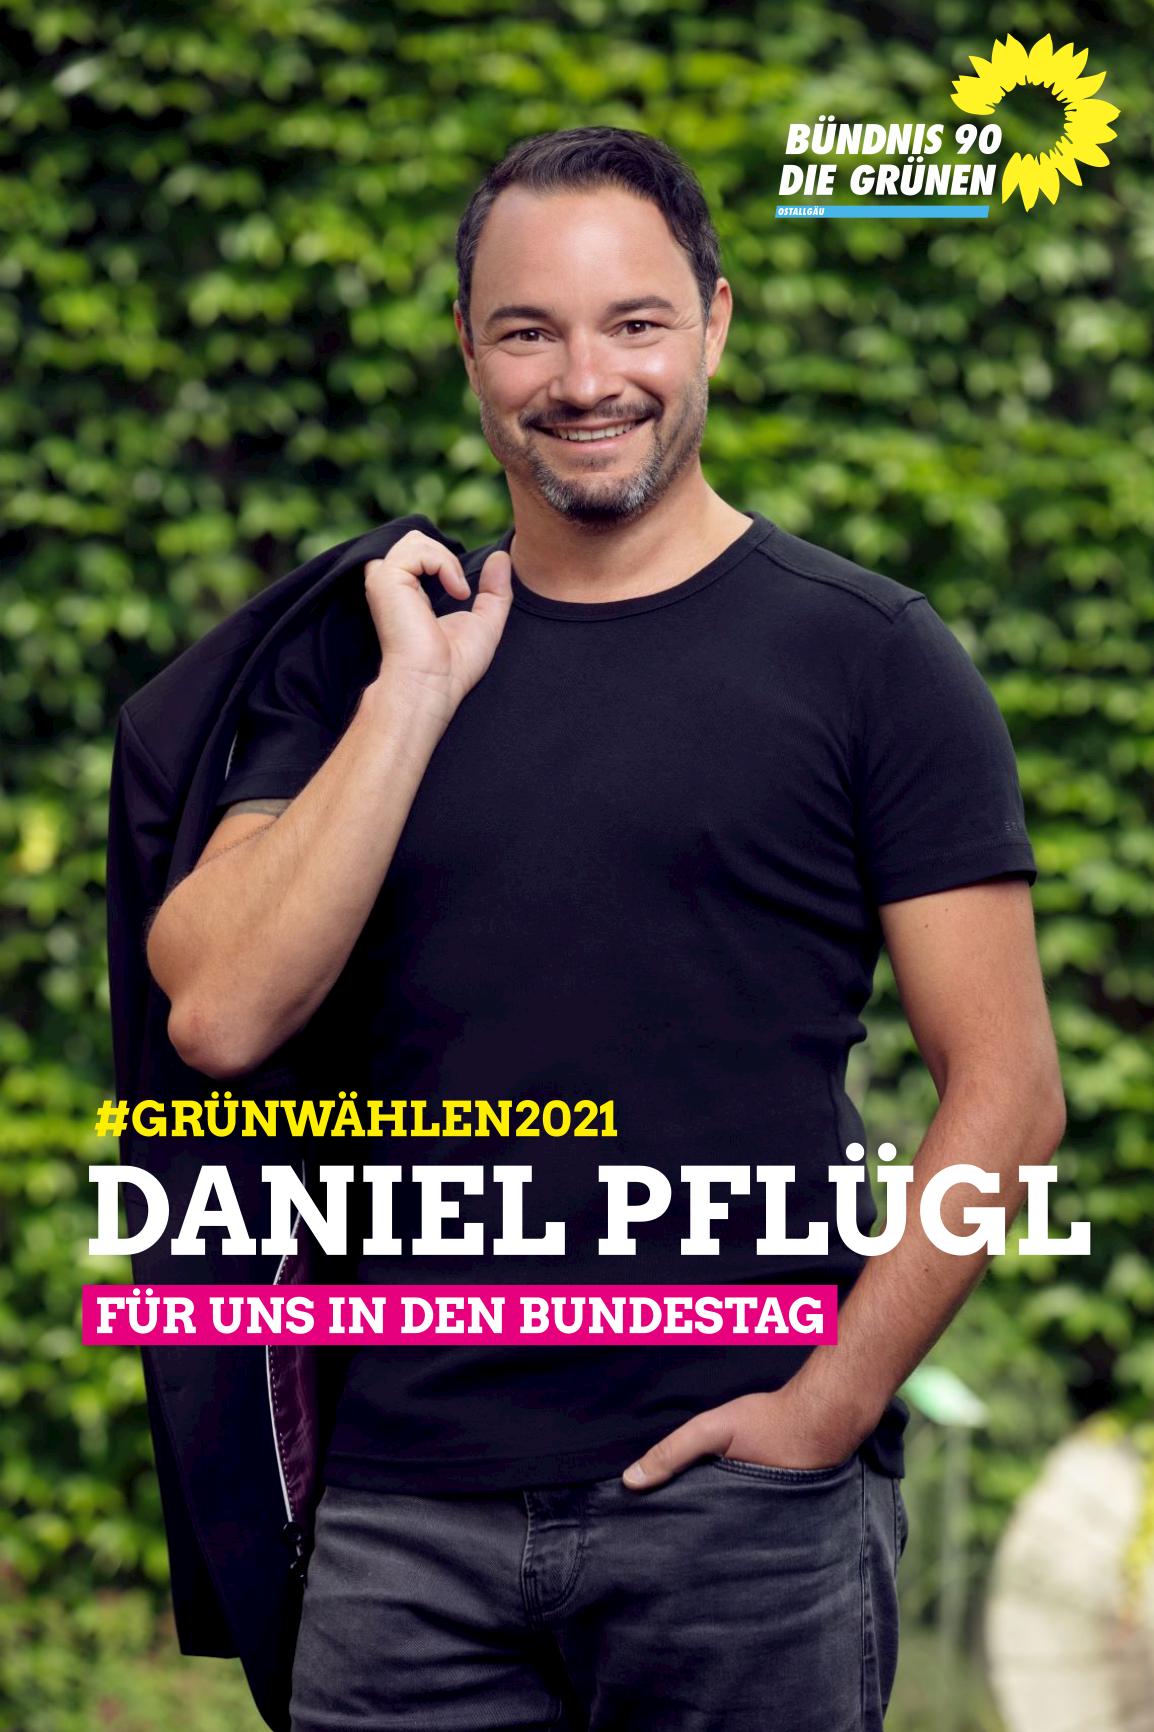 Daniel Pflügl Bundestagswahl Ostallgäu 2021